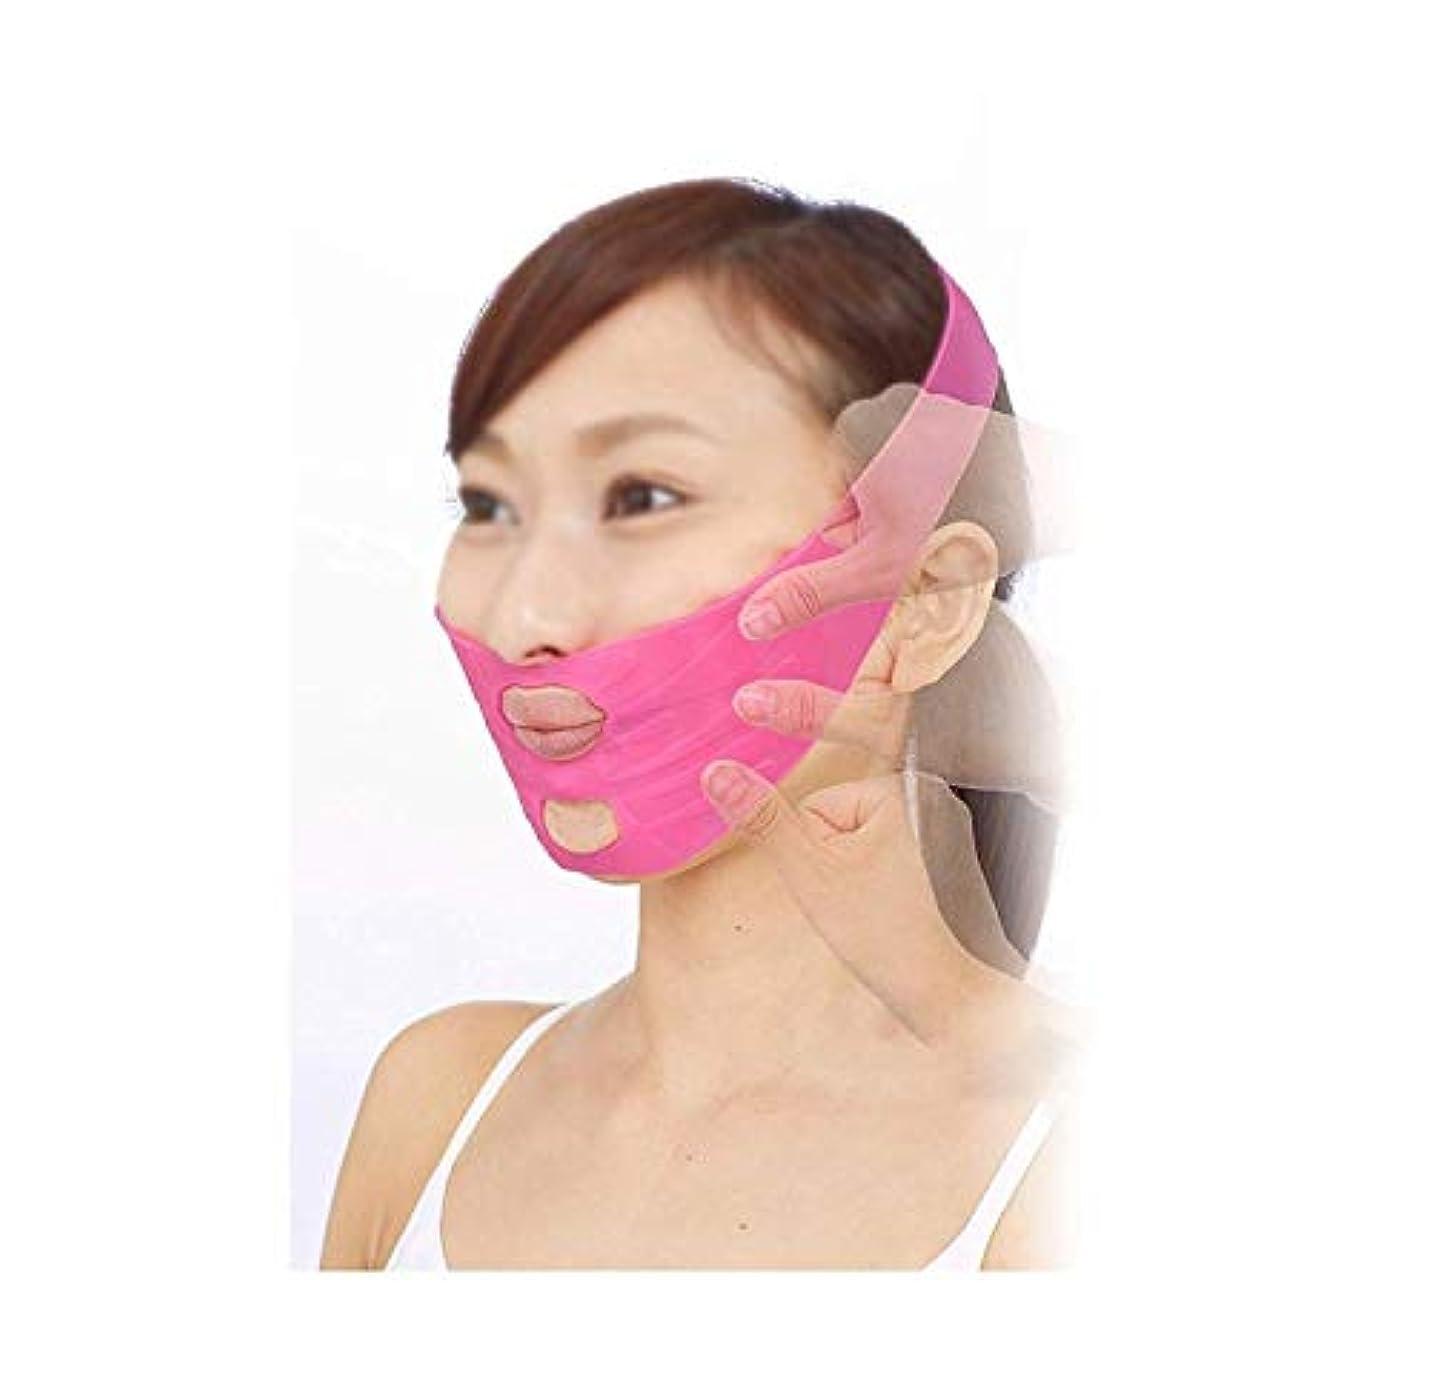 だますシュガー里親フェイシャルマスク、リフティングアーティファクトフェイスマスク垂れ下がった小さなVフェイスバンデージ付きの顔